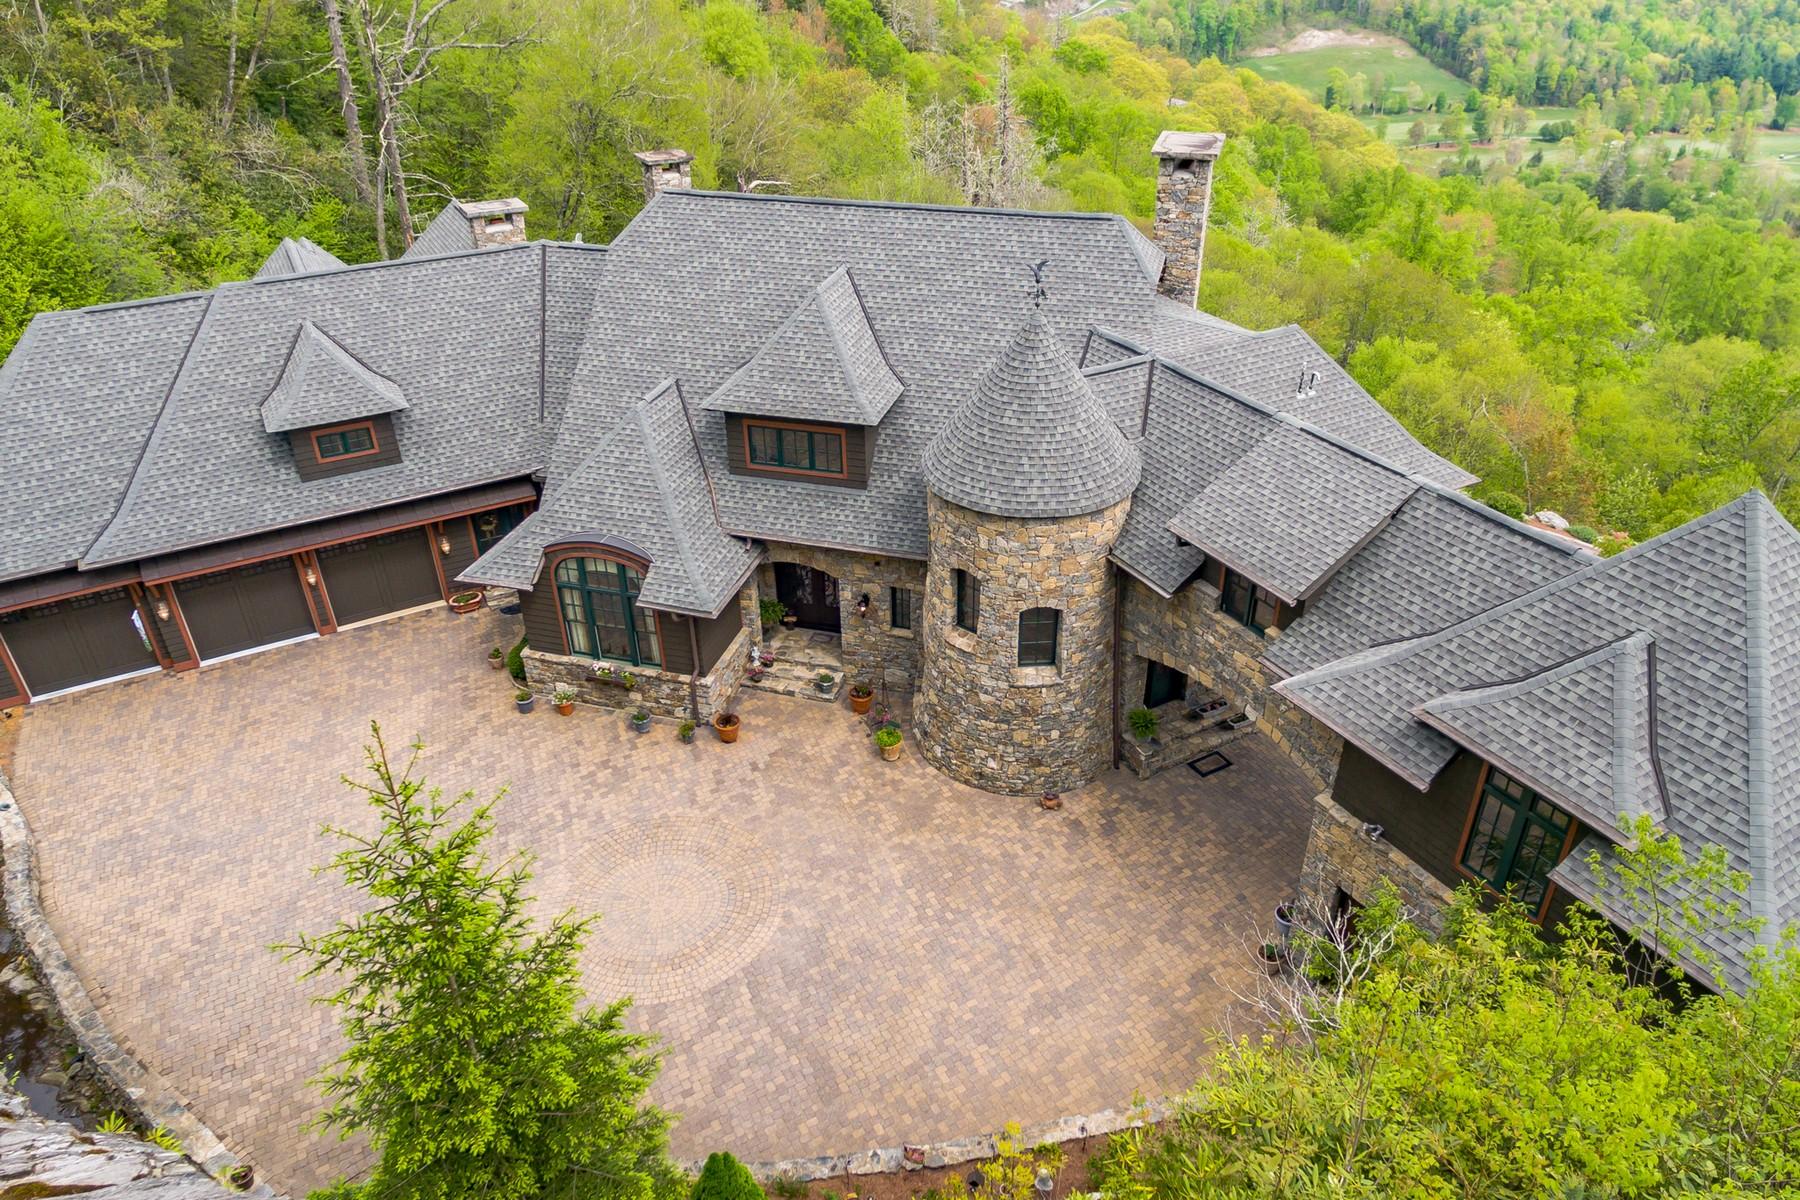 独户住宅 为 销售 在 793 Old Wagon Trail Highlands, 北卡罗来纳州, 28741 美国